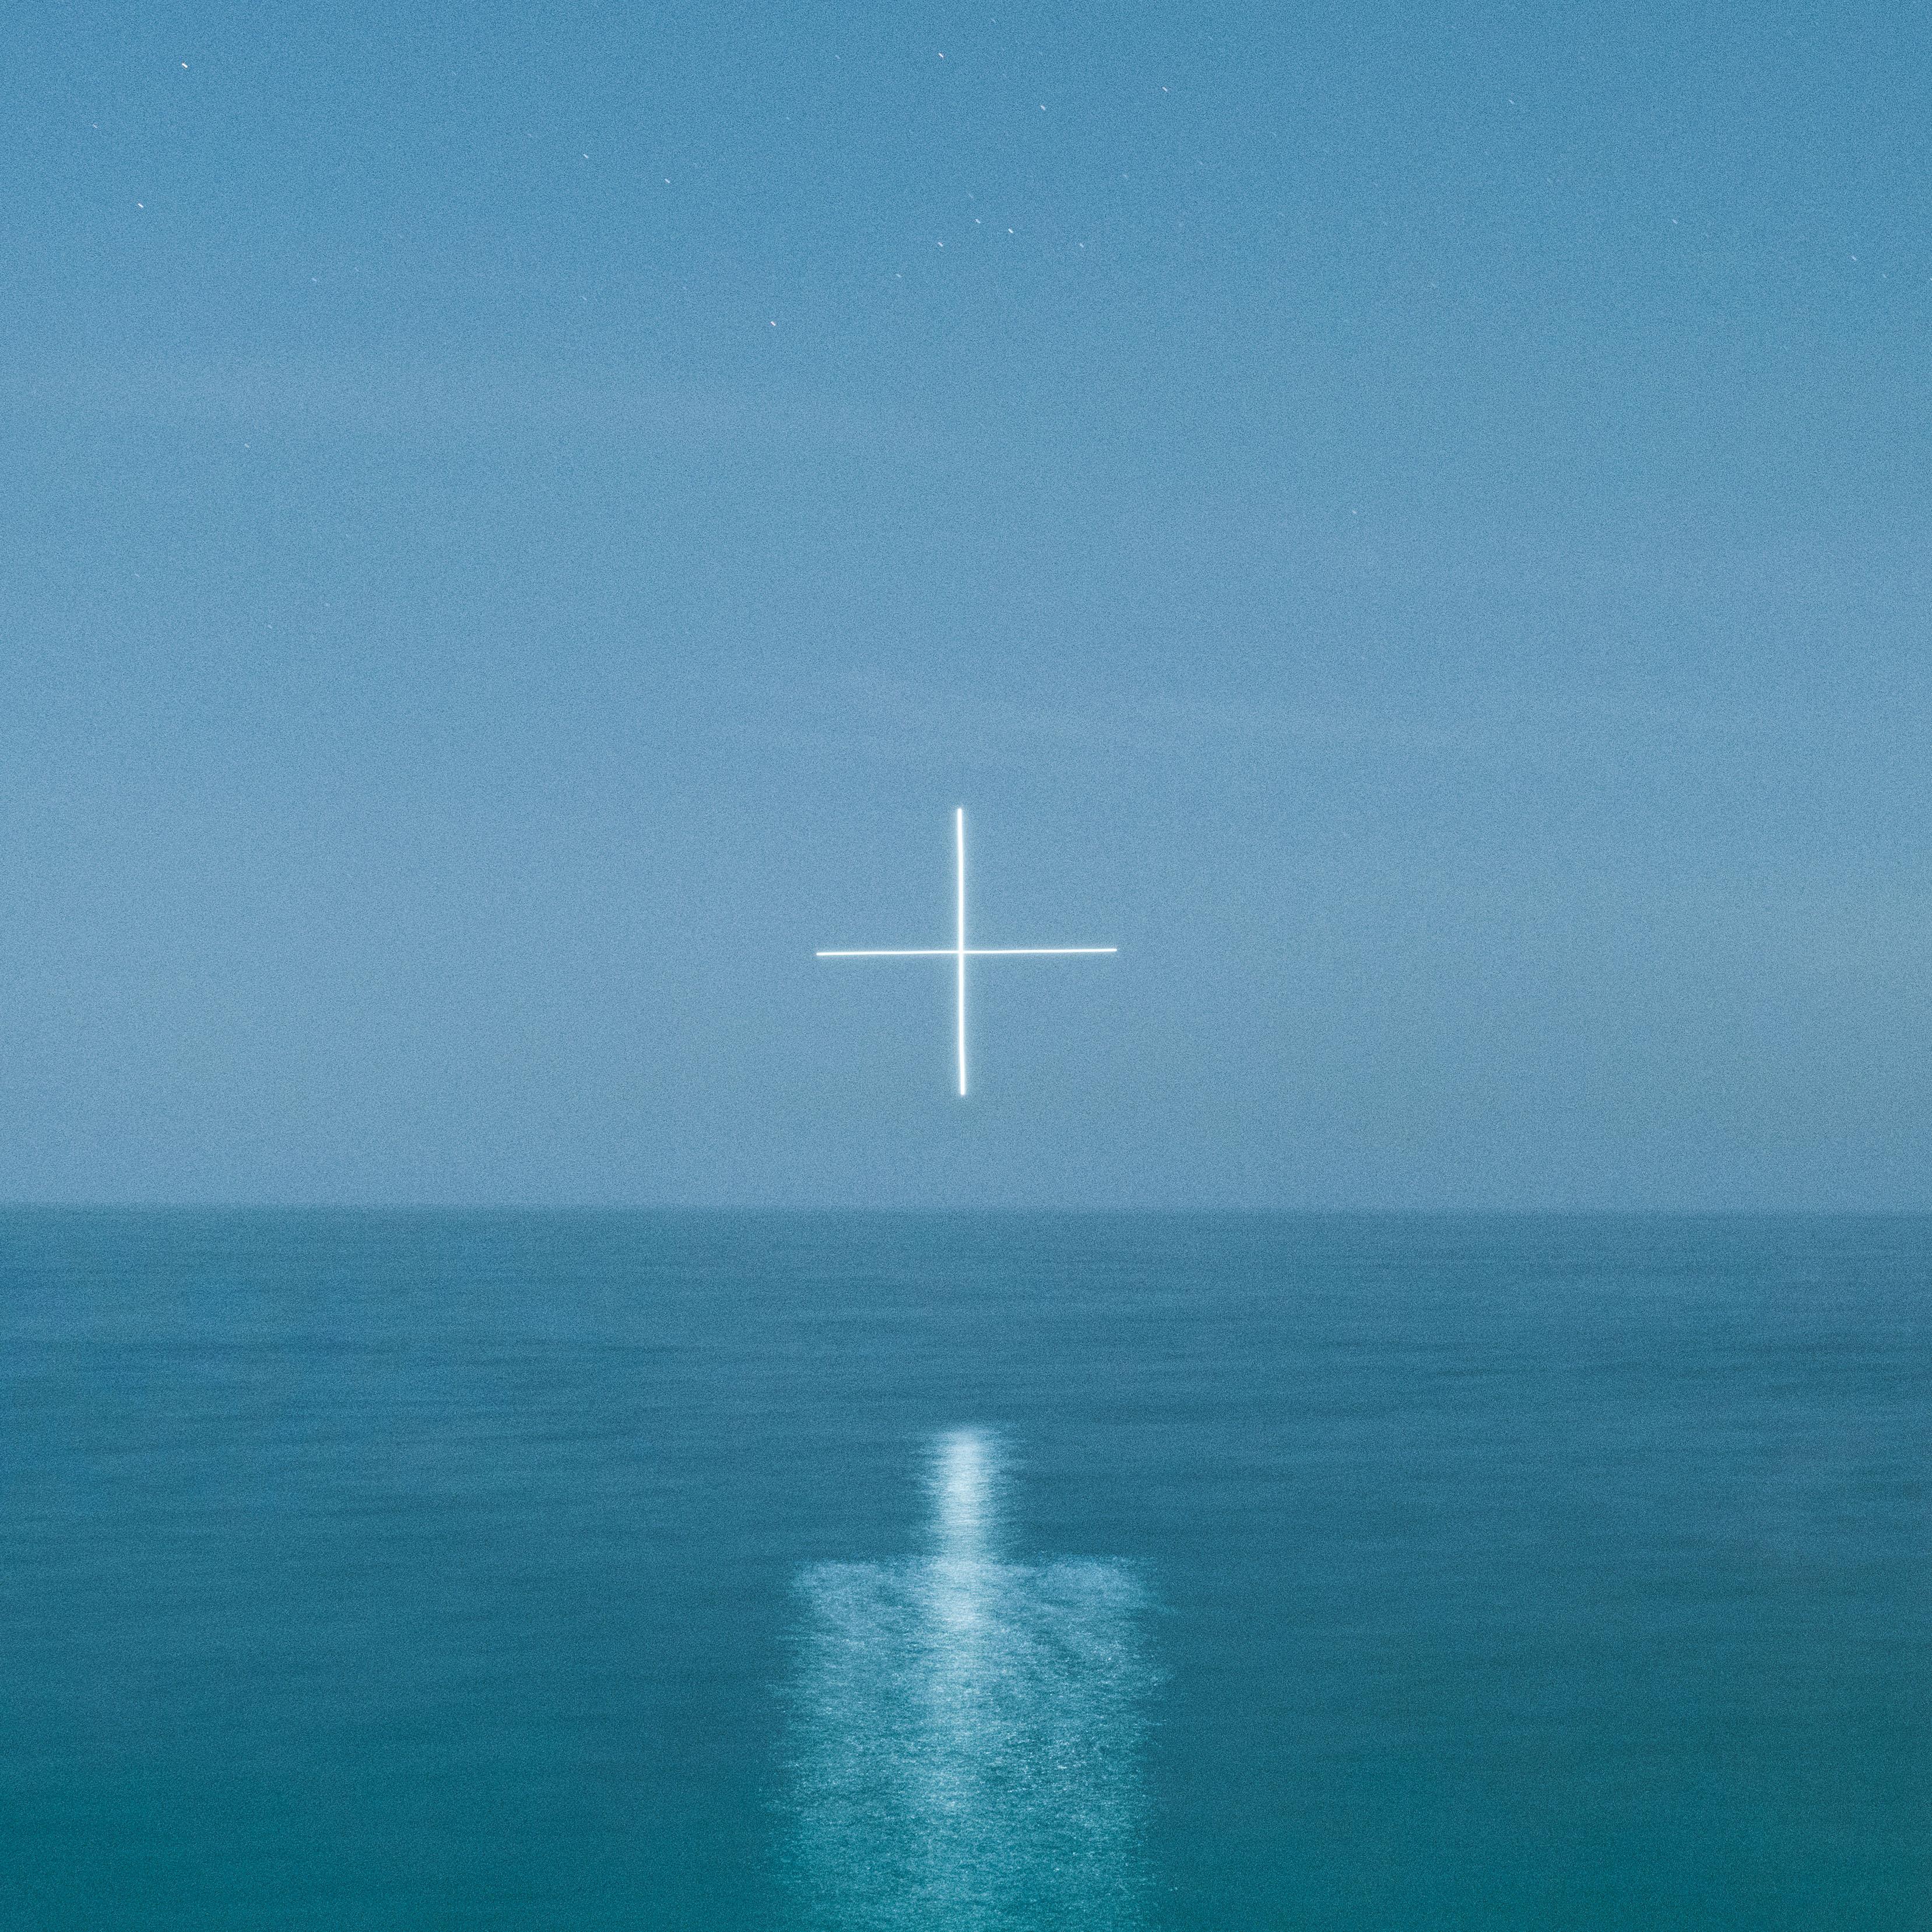 Aeroglyph è il nuovo progetto fotografico di Reuben Wu | Collater.al 1